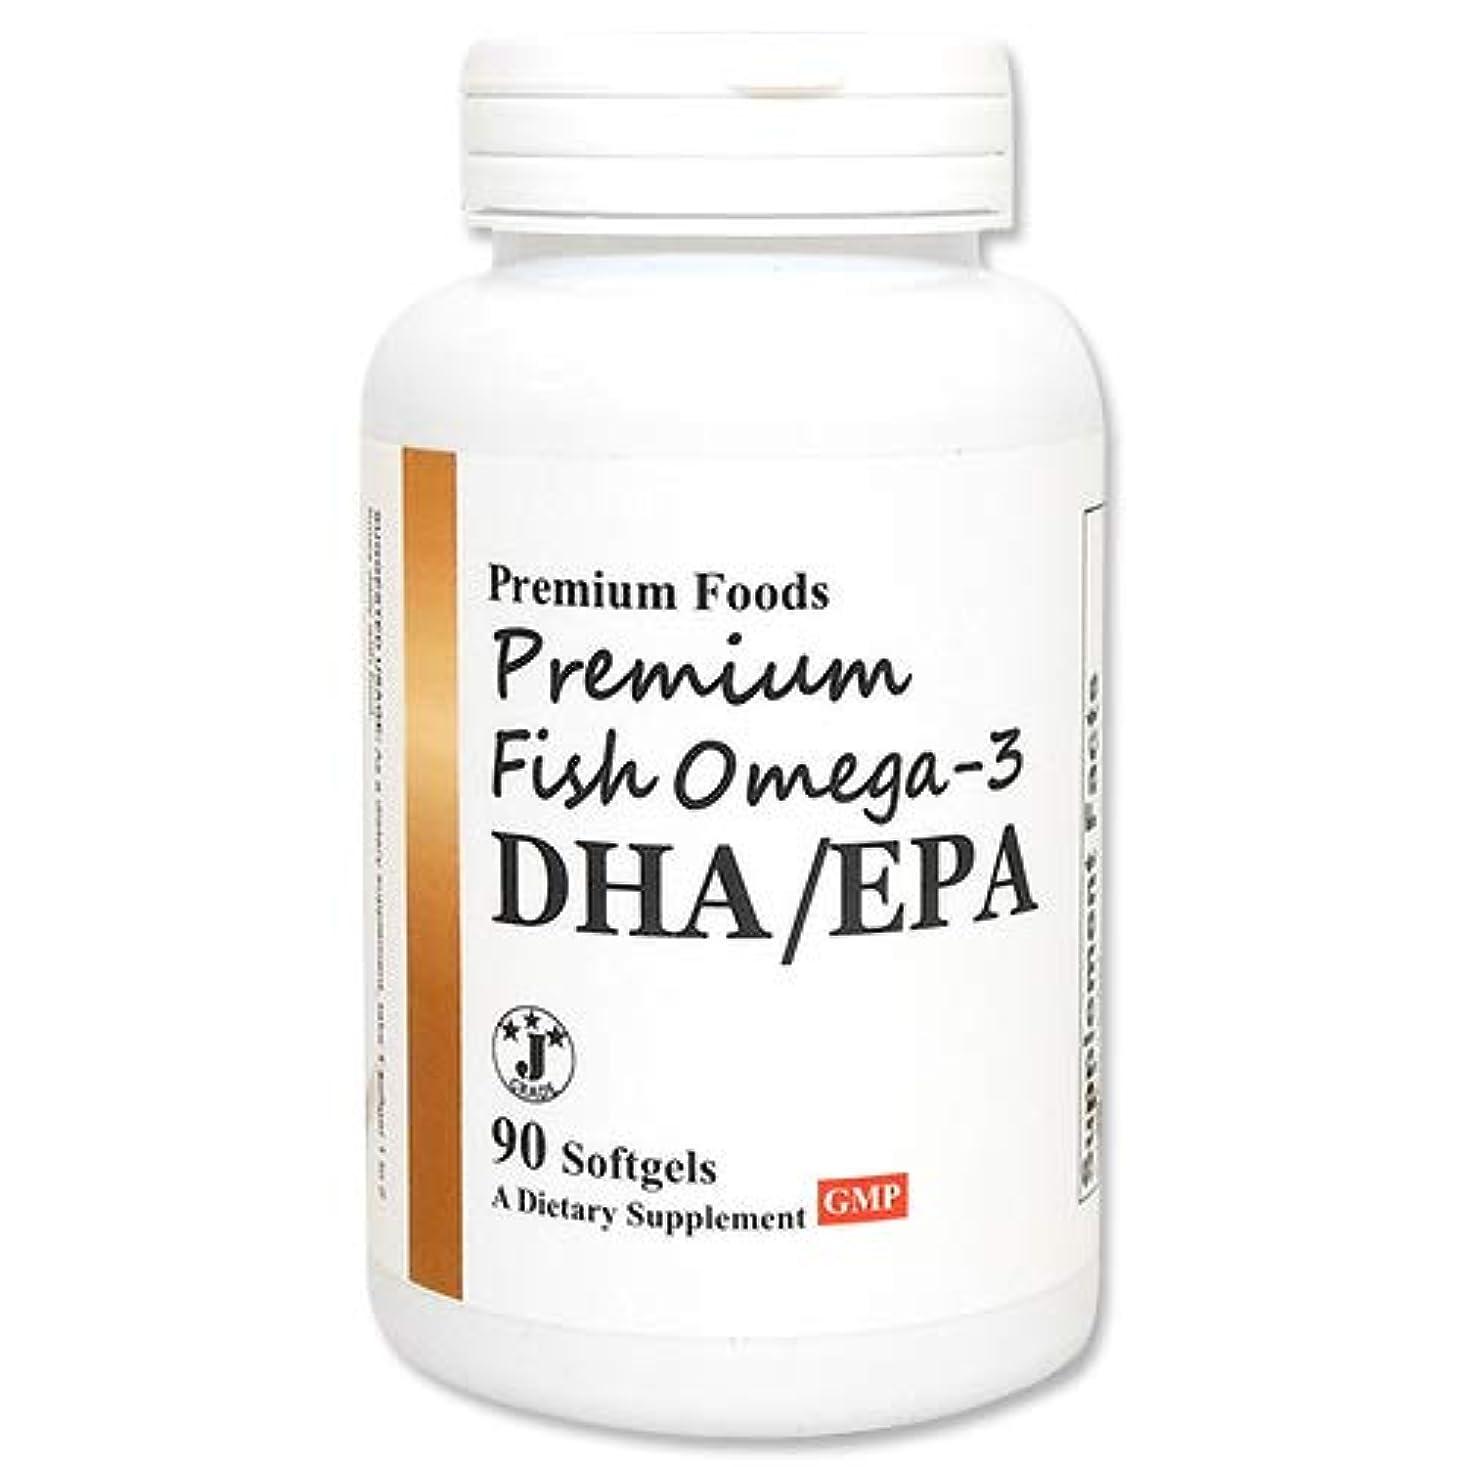 熱望する味付けトリムプレミアム フィッシュオメガ-3(DHA/EPA) 90粒 [海外直送品]